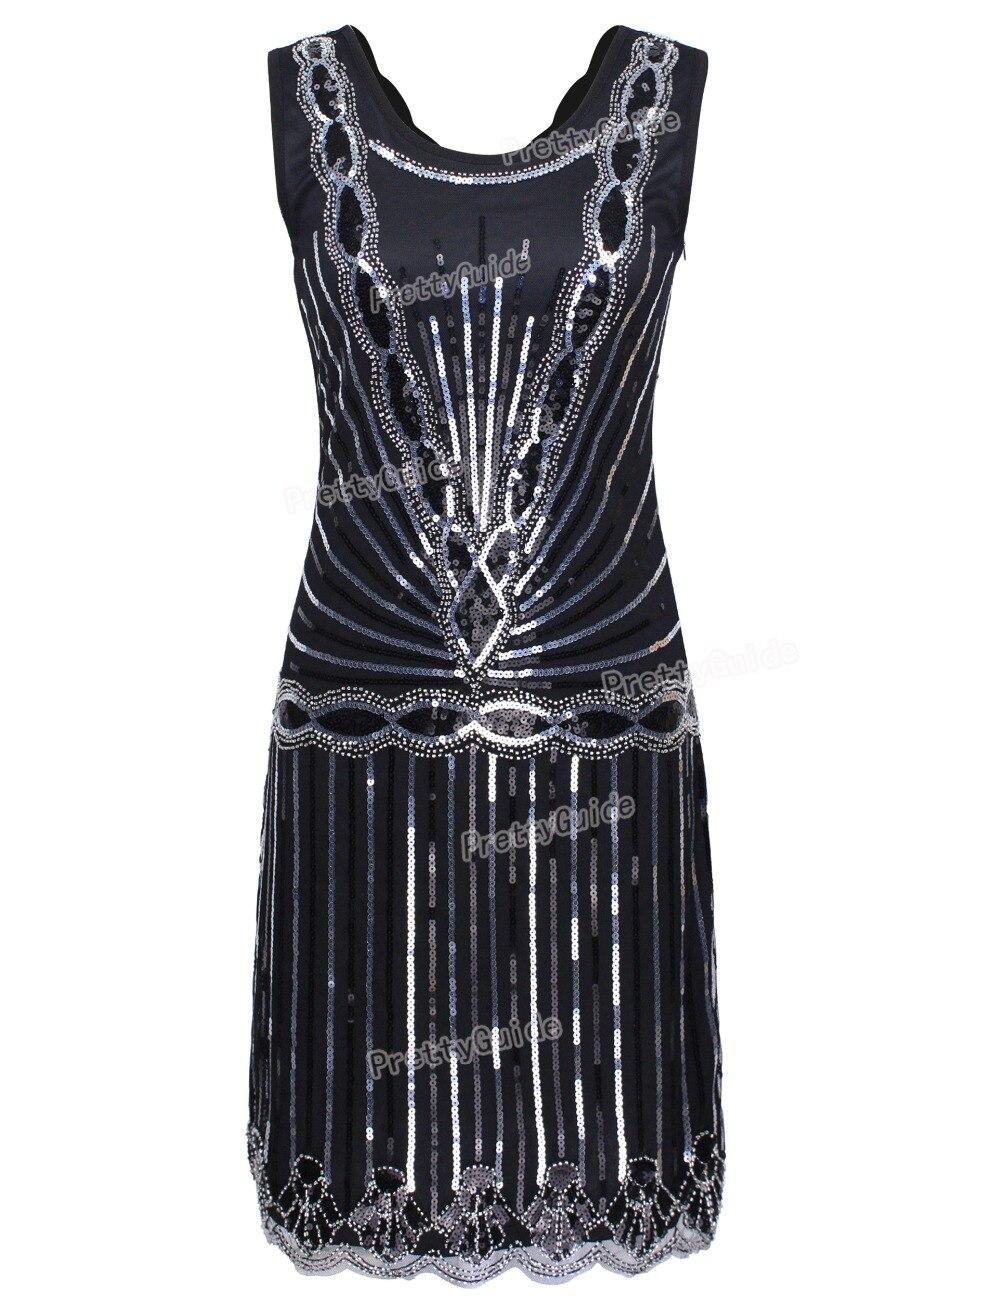 Aliexpress.com : Buy PrettyGuide Women 1920s Vintage Art Deco Sequin ...